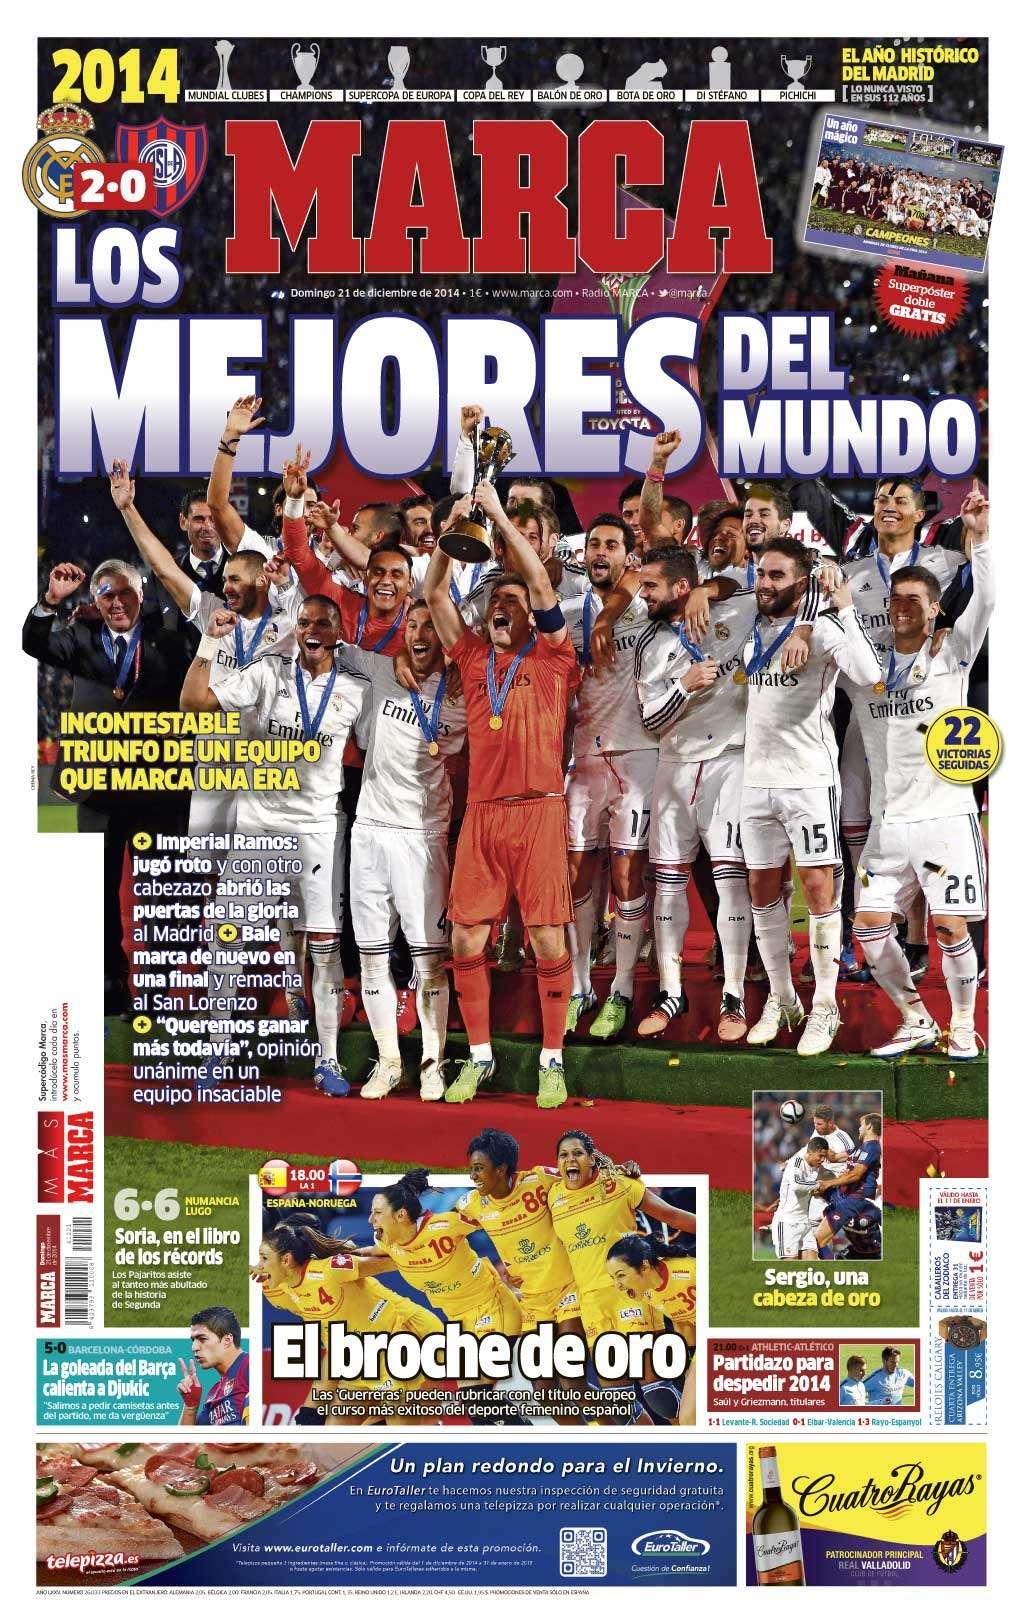 Jornais de Madri, como Marca (imagem) e AS, foram os únicos europeus que deram destaque preponderante ao título mundial do Real Foto: Reprodução